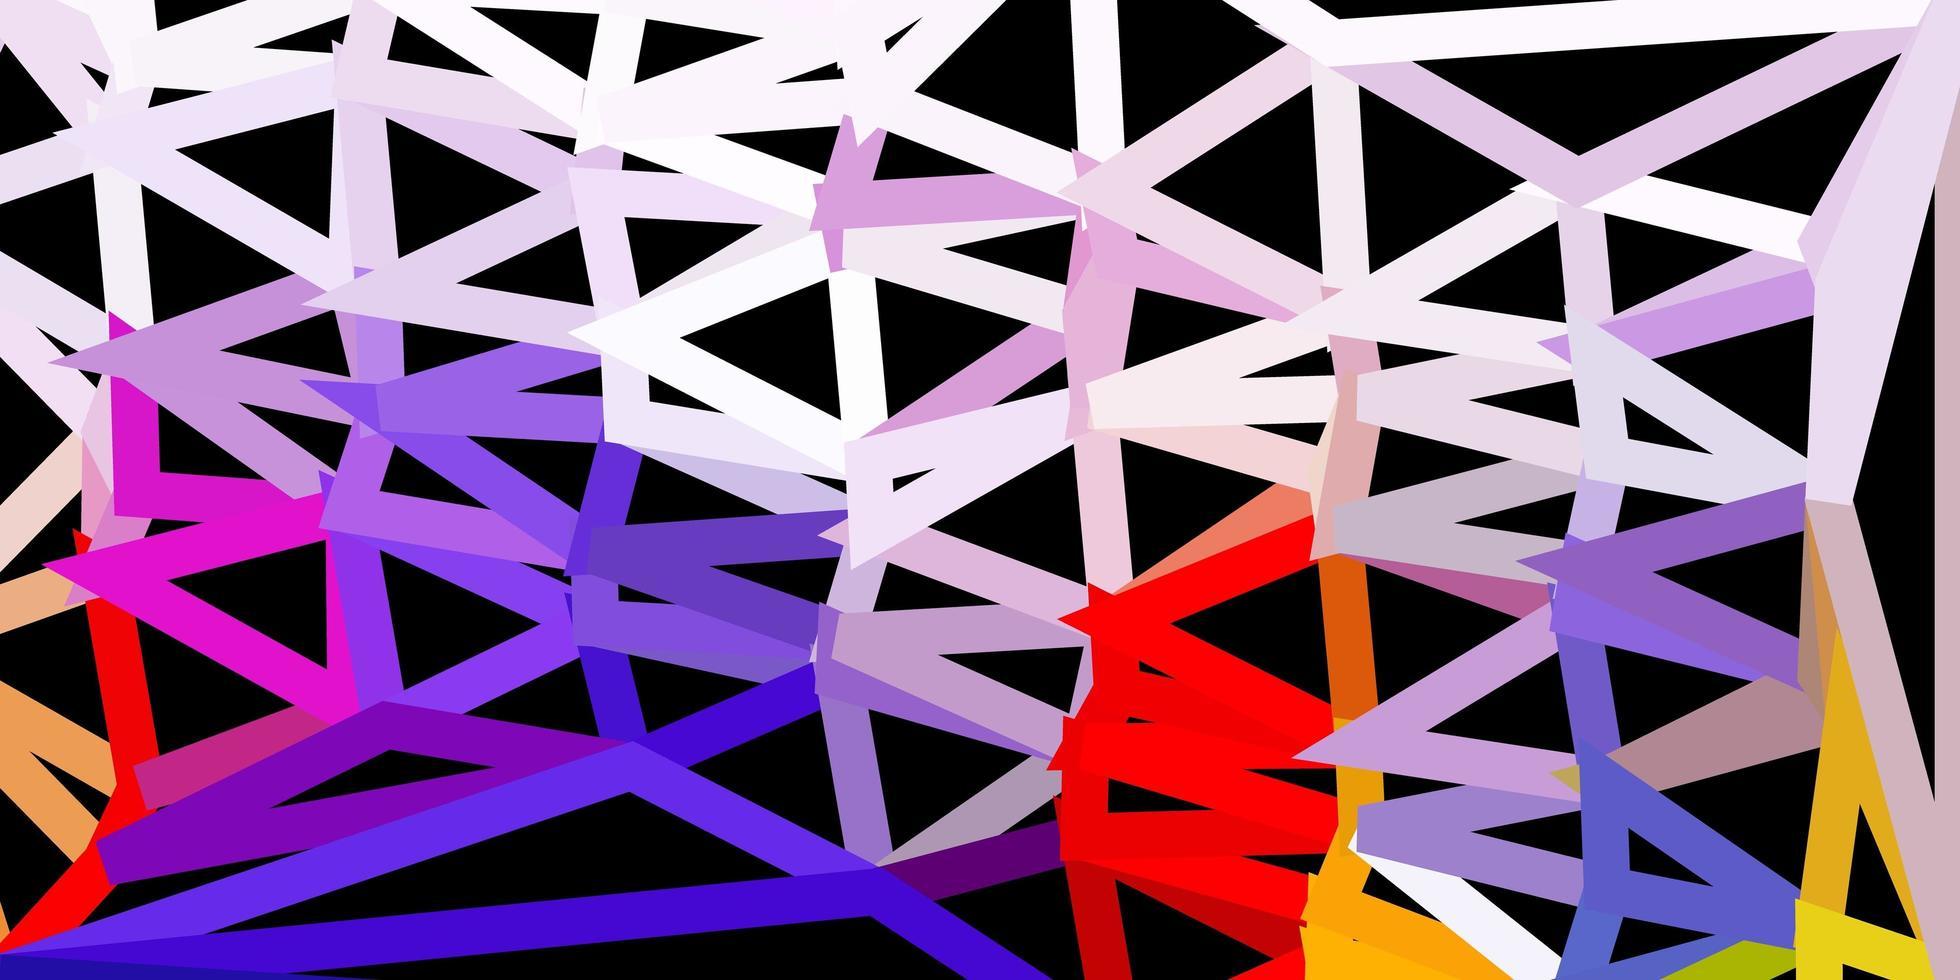 azul escuro, vermelho padrão de triângulo abstrato de vetor. vetor